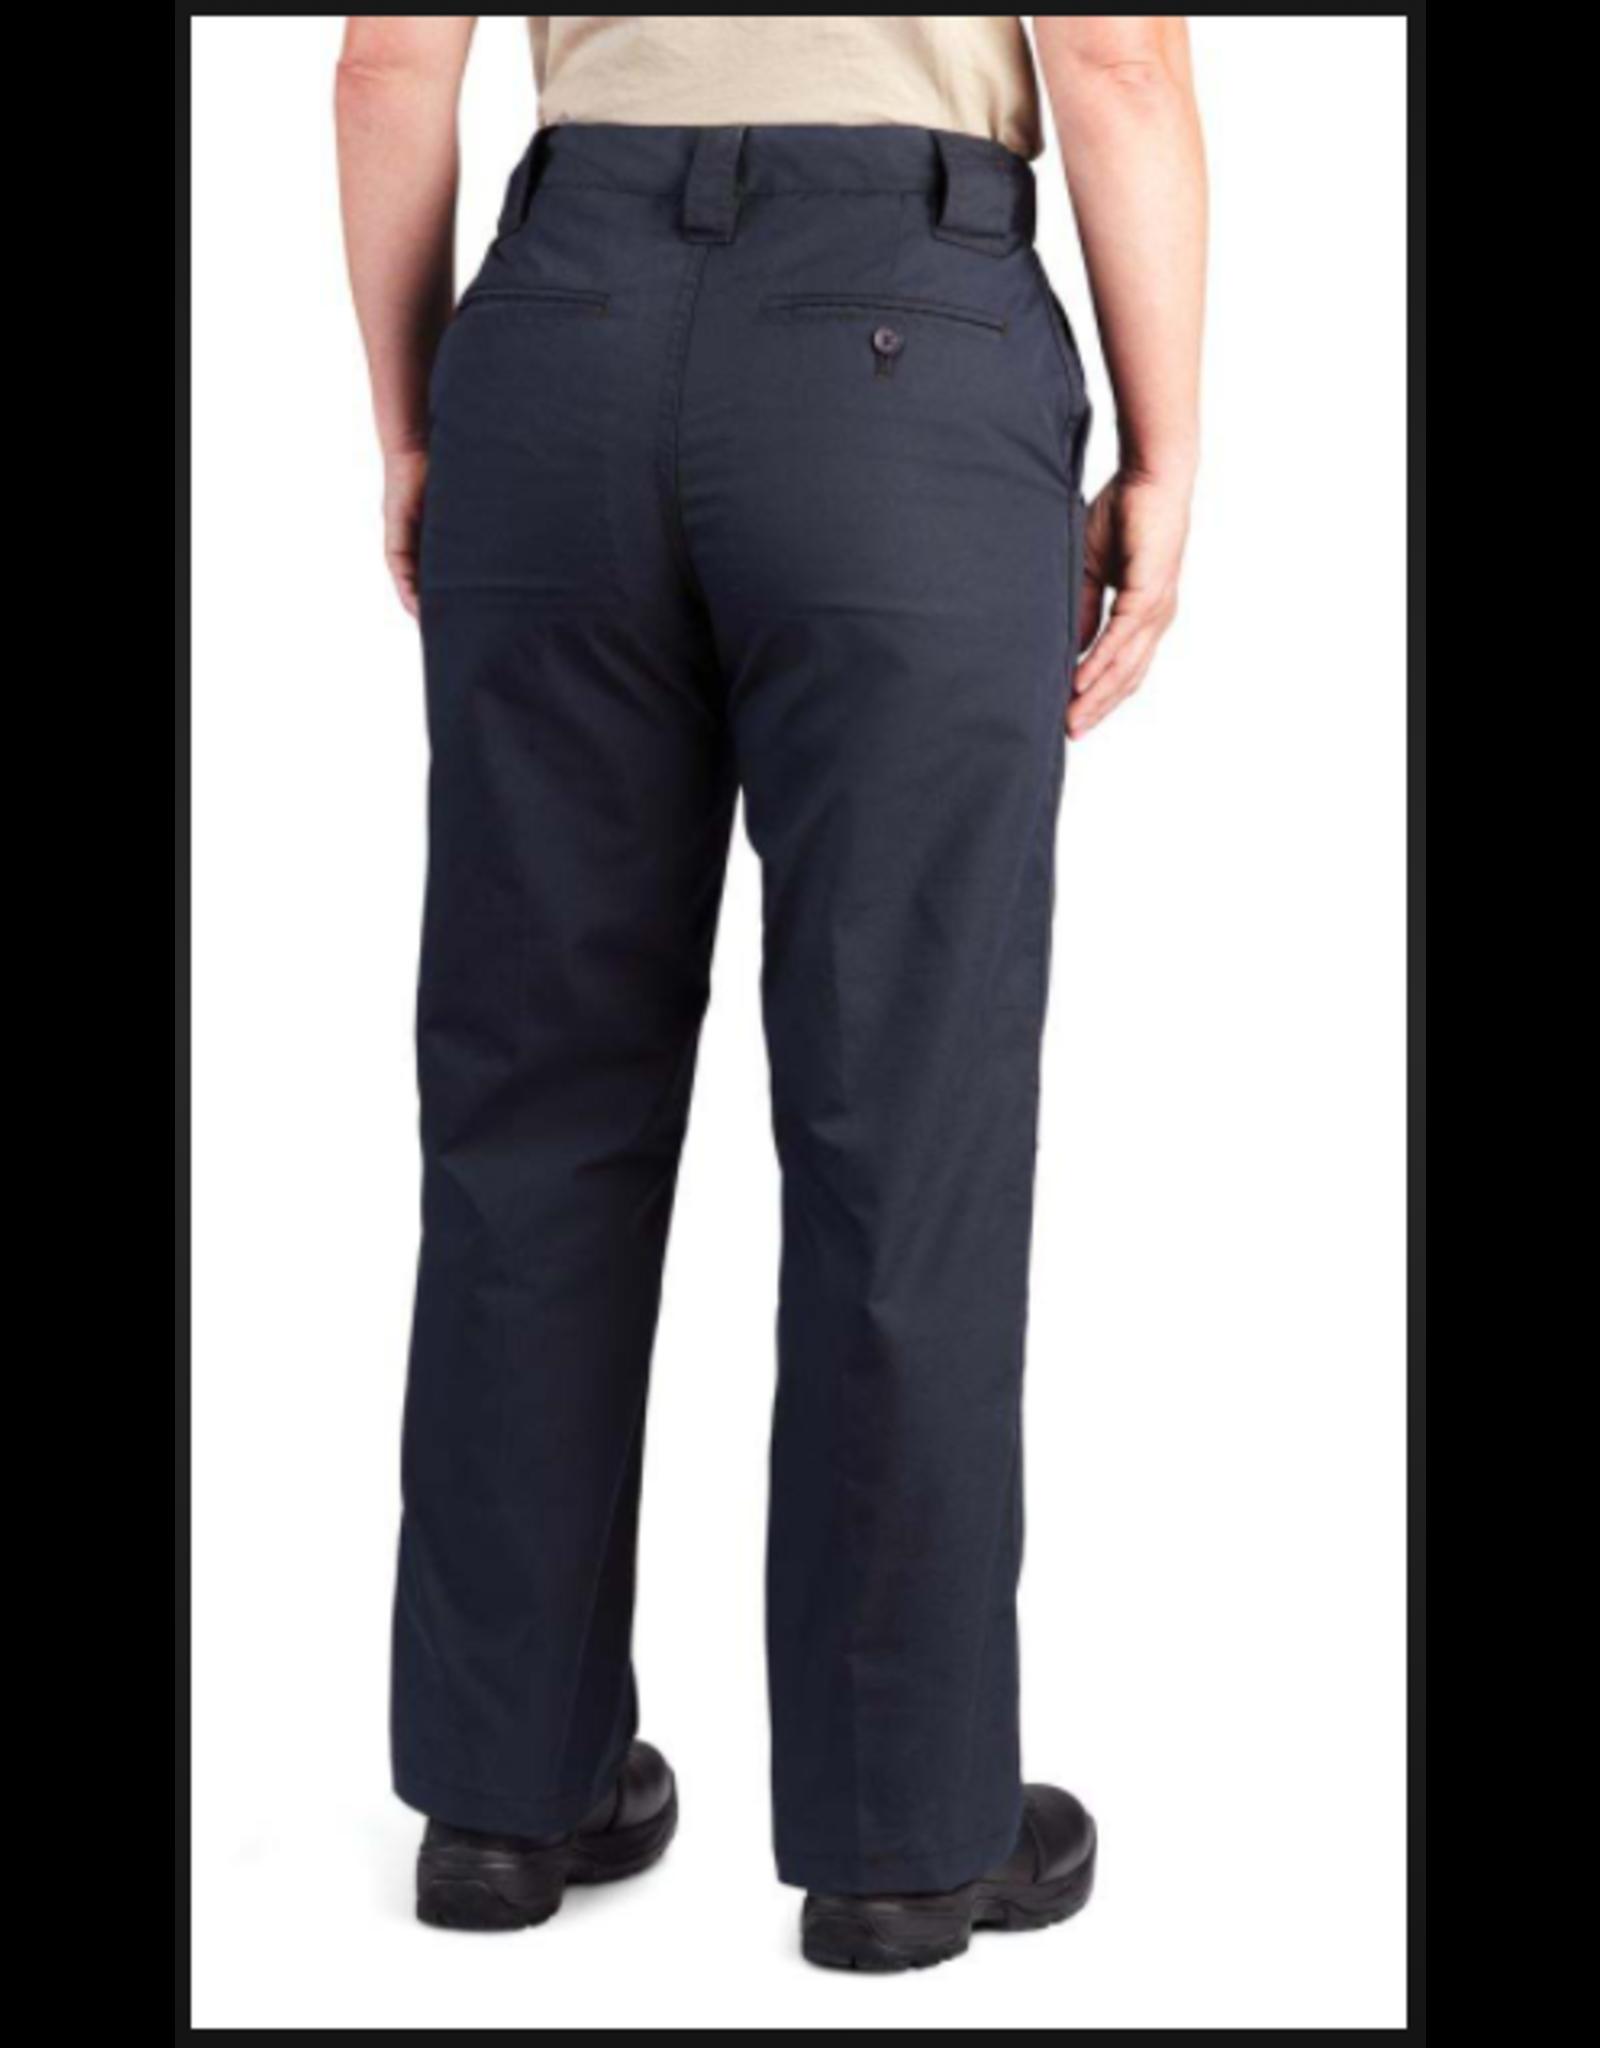 Propper Women's Duty Cargo Pants Size 12U